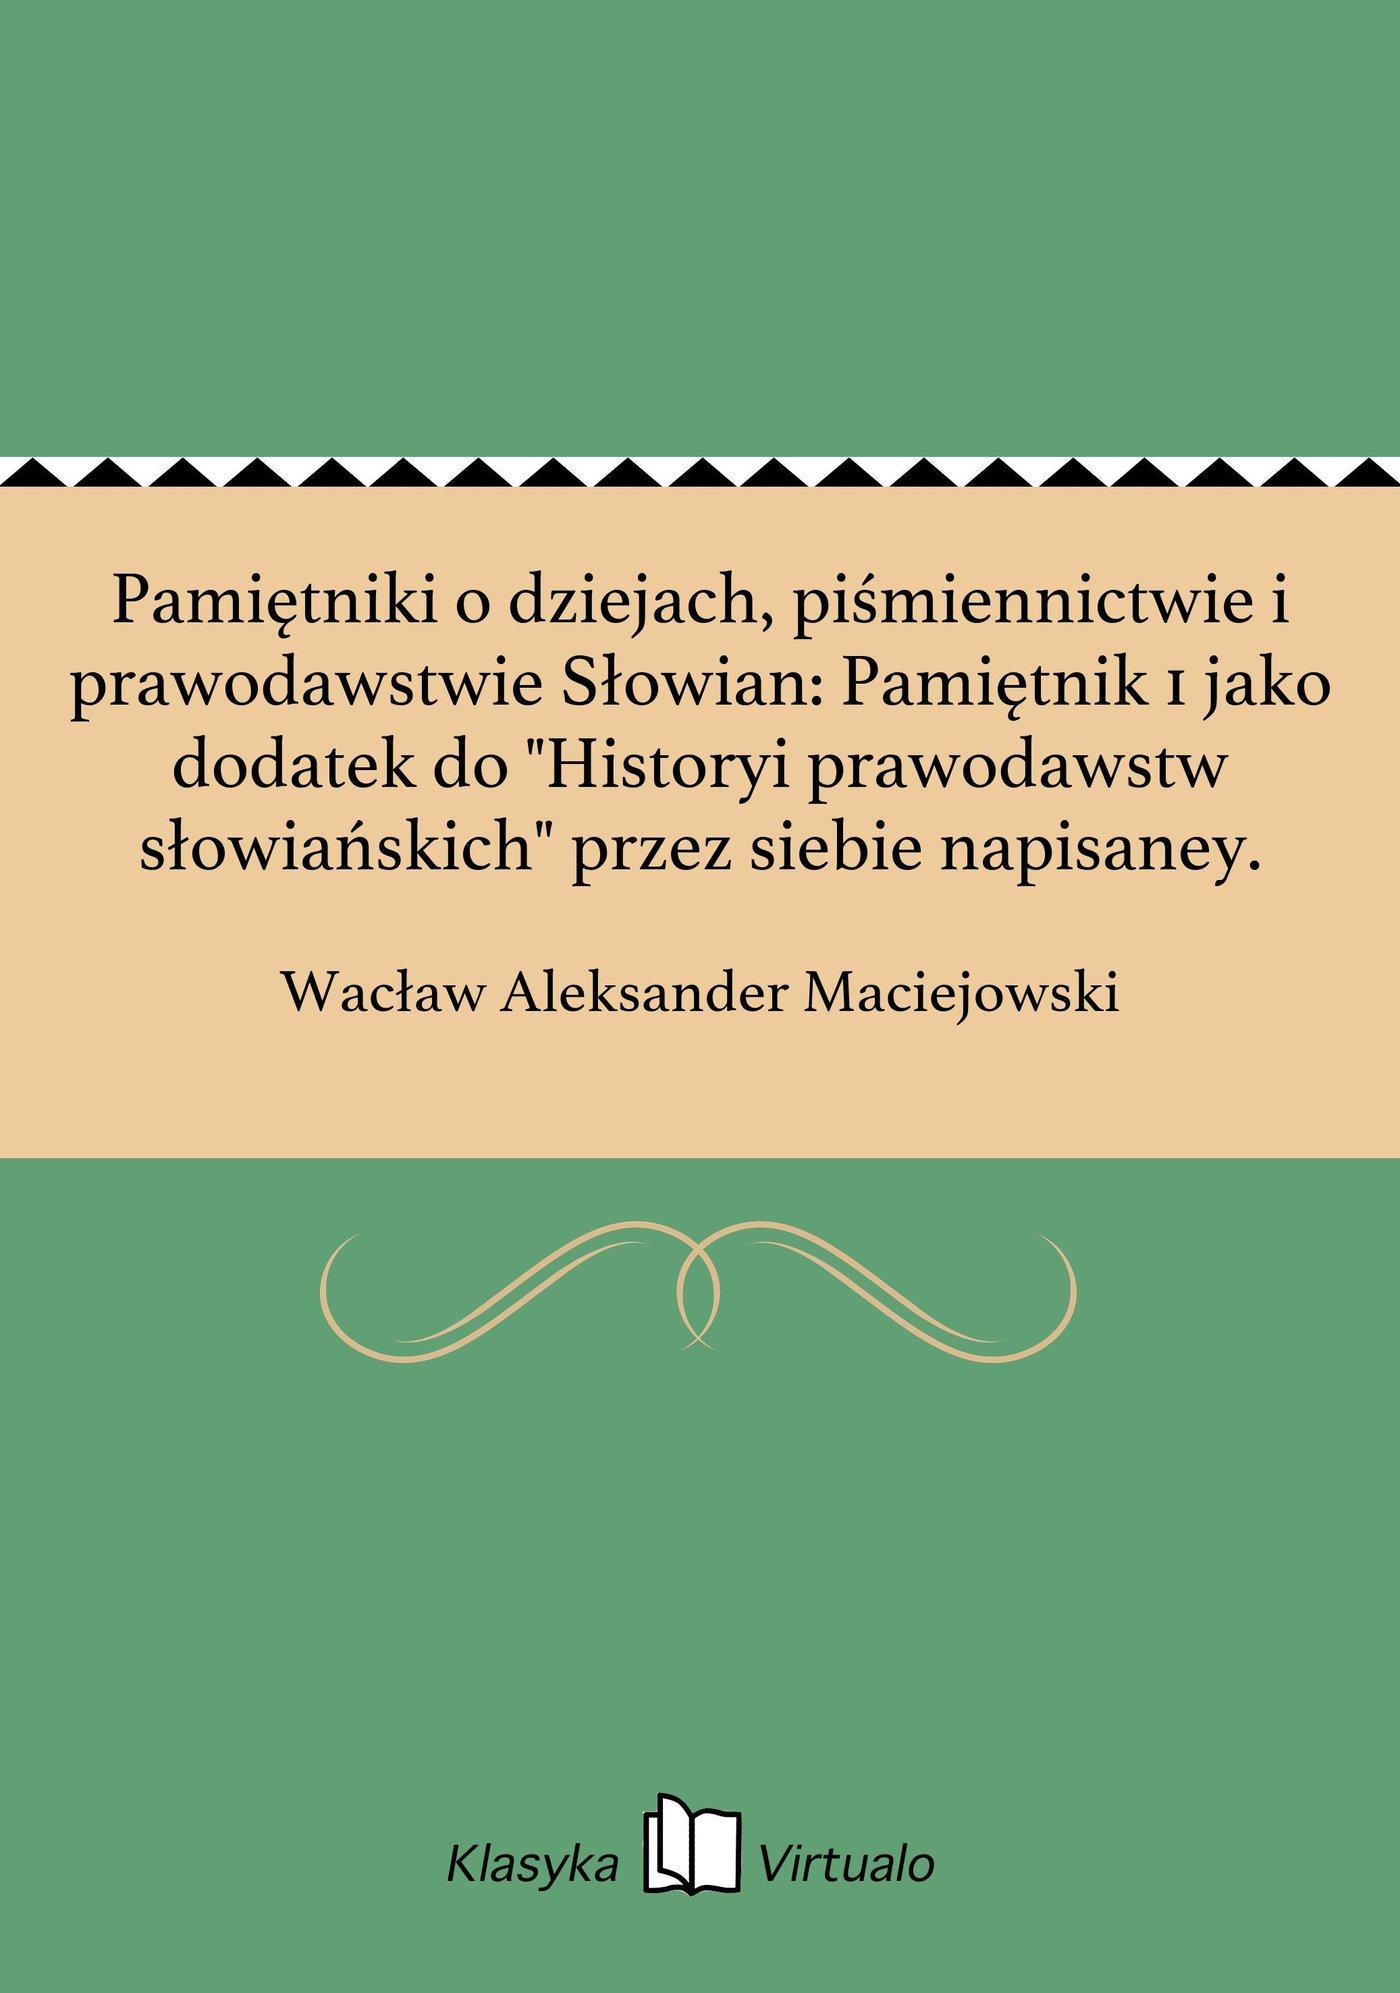 """Pamiętniki o dziejach, piśmiennictwie i prawodawstwie Słowian: Pamiętnik 1 jako dodatek do """"Historyi prawodawstw słowiańskich"""" przez siebie napisaney. - Ebook (Książka EPUB) do pobrania w formacie EPUB"""